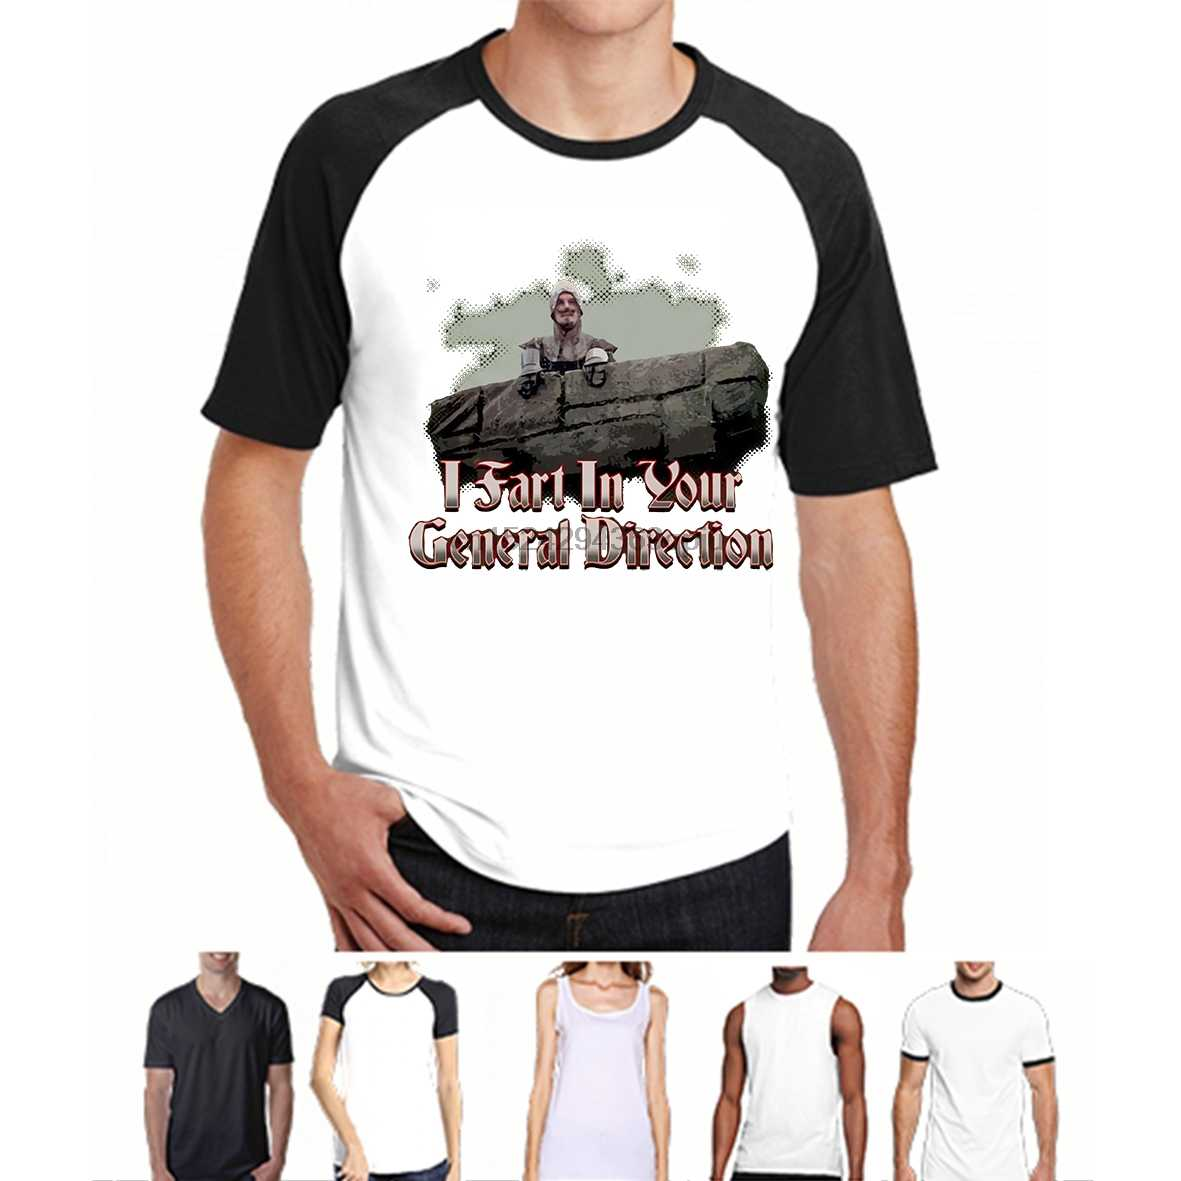 Забавная Футболка мужская новинка футболка Monty Python-I пердеж в вашем общем направлении зеленая футболка